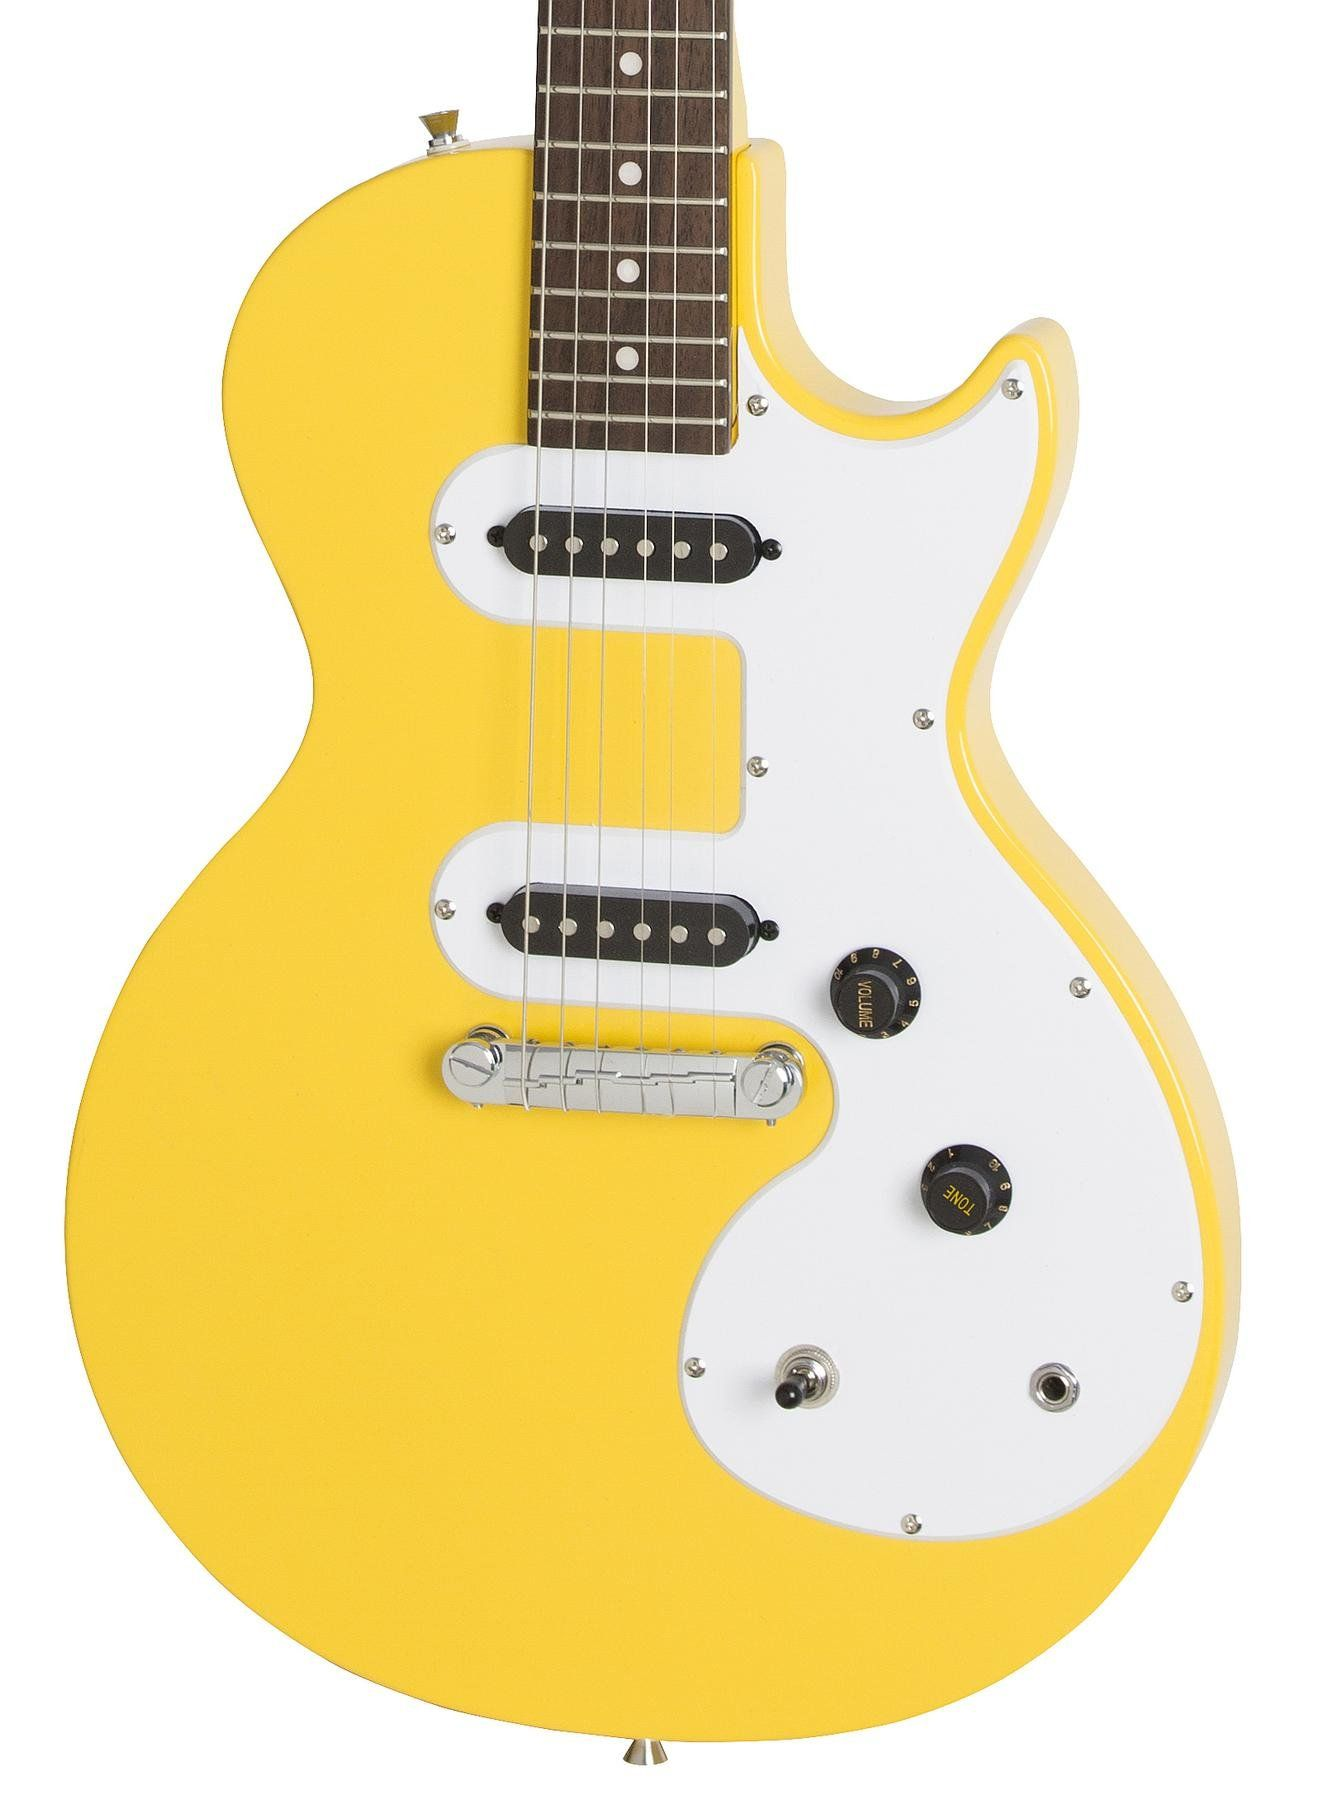 Epiphone Les Paul SL Sunset Yellow image 1